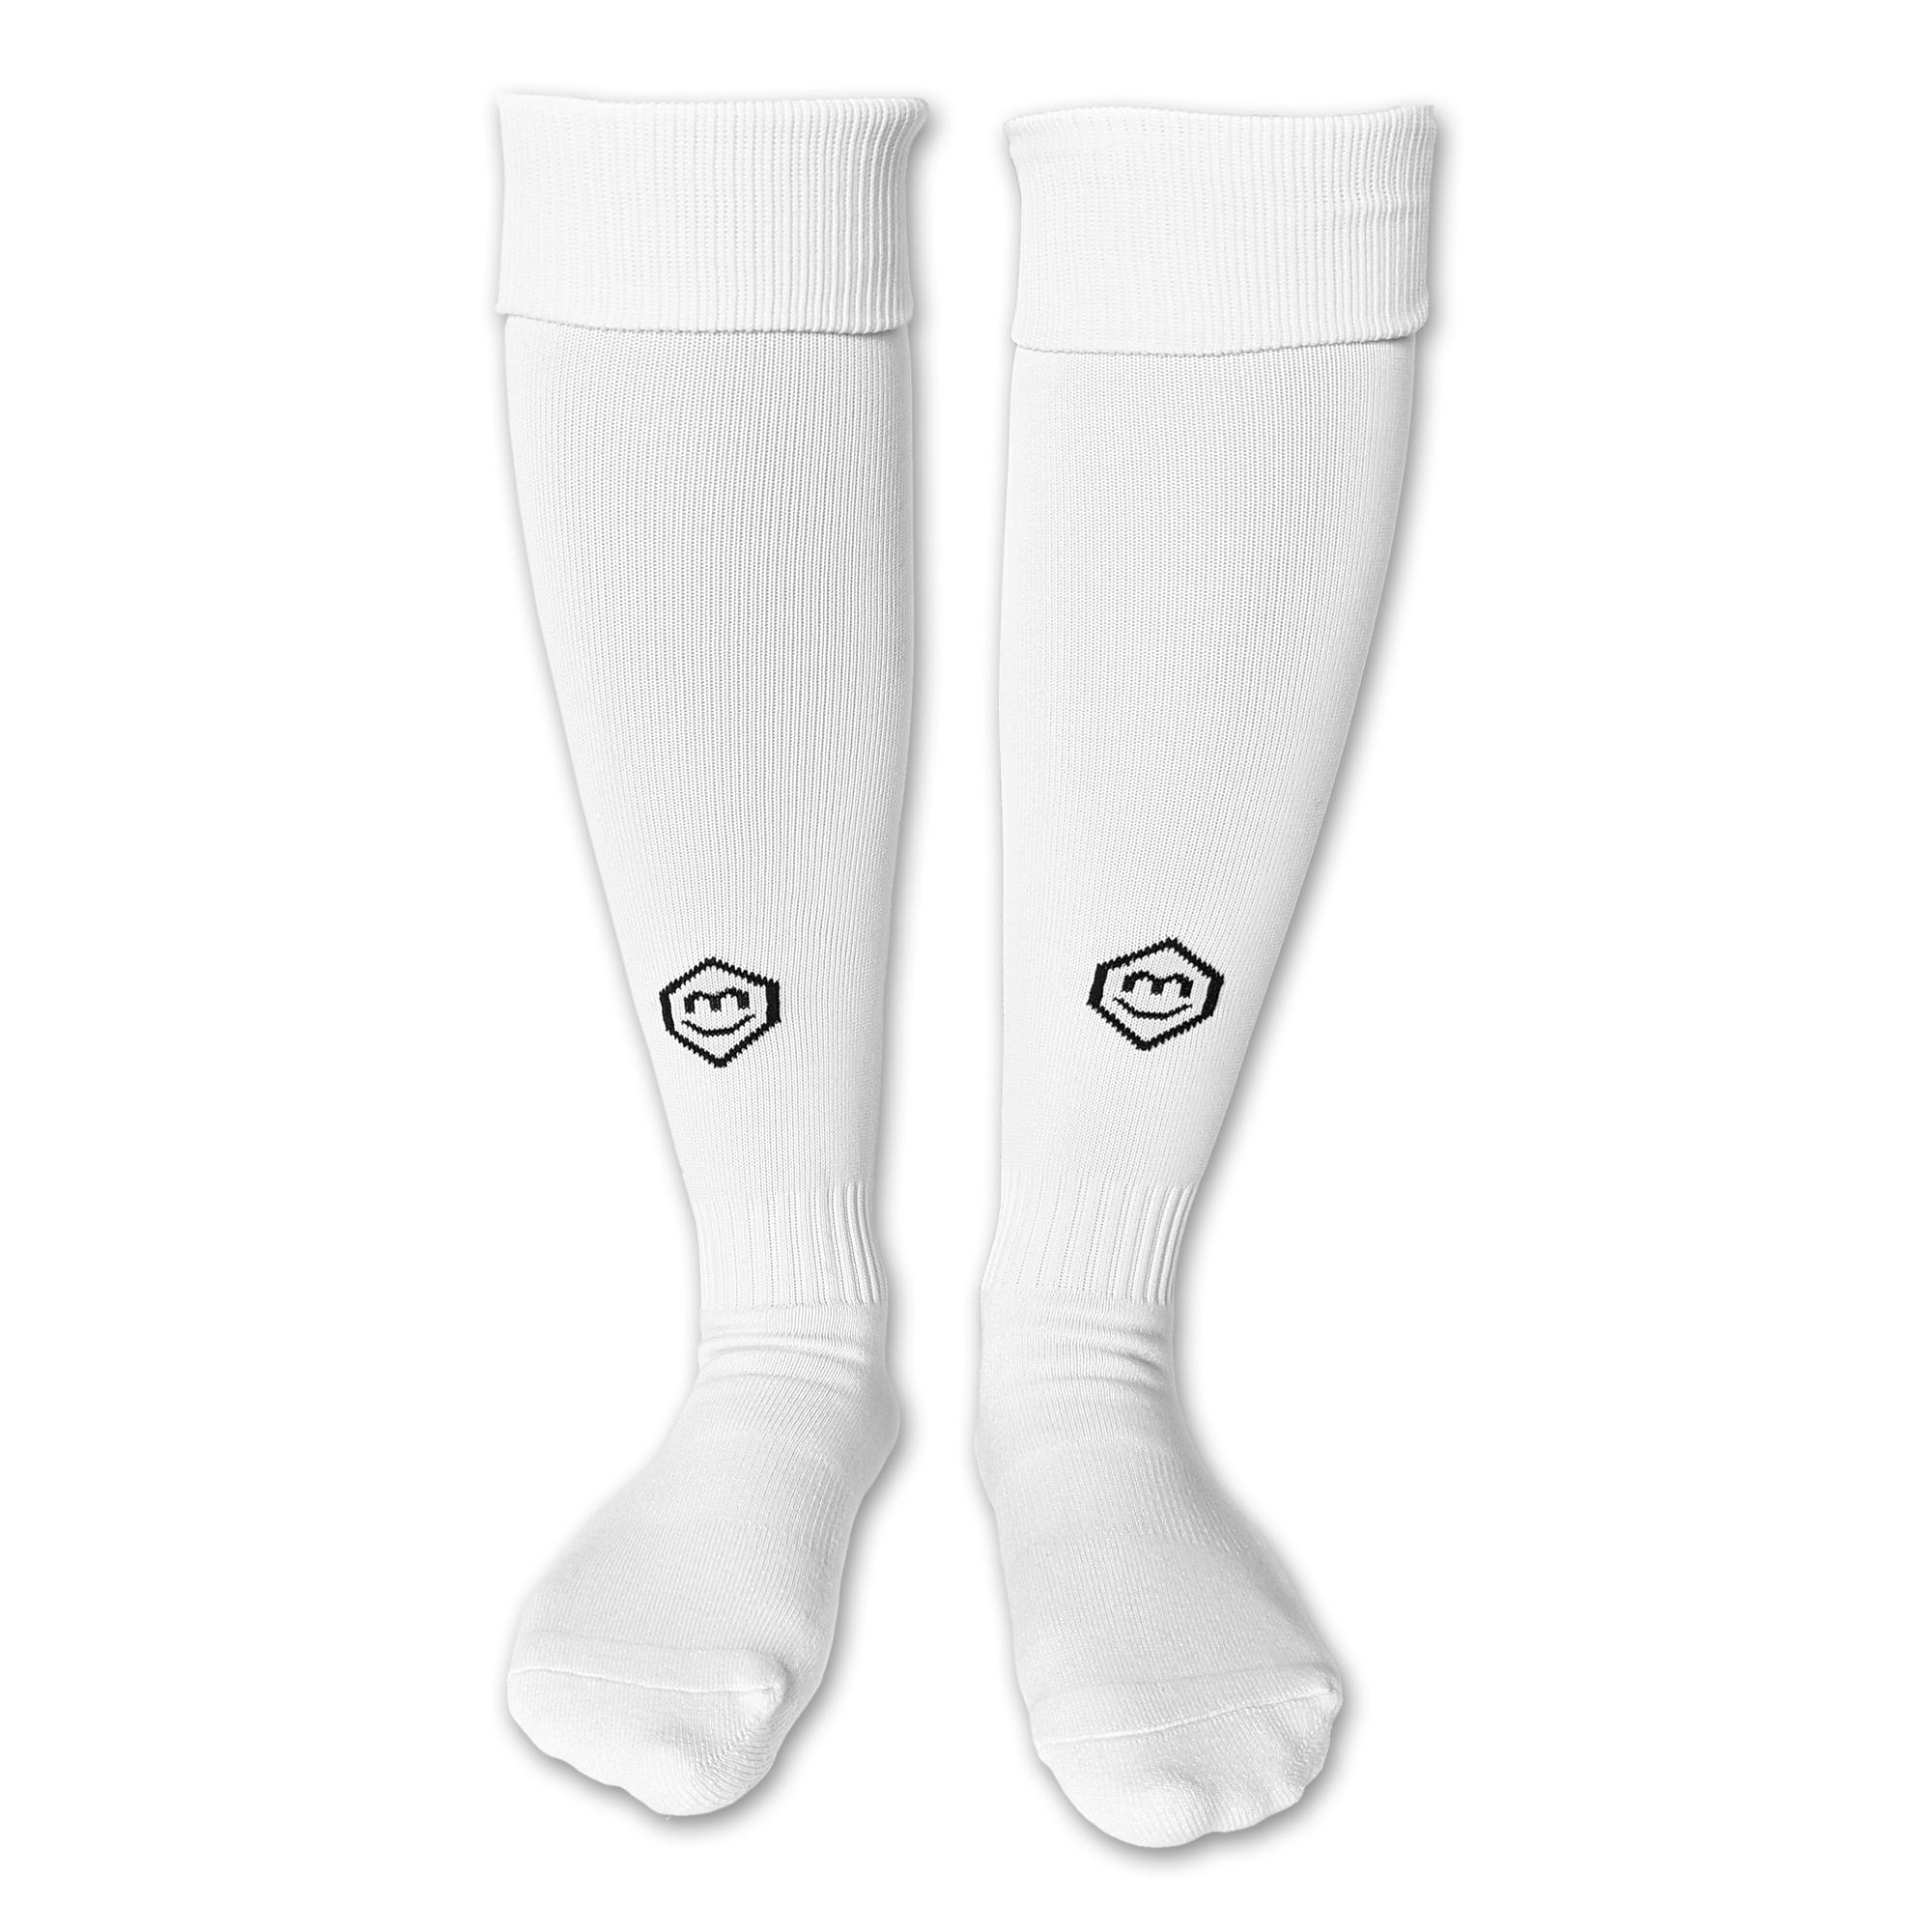 Fußballsutzen / Fußball Socken in weiß (Vorderansicht)